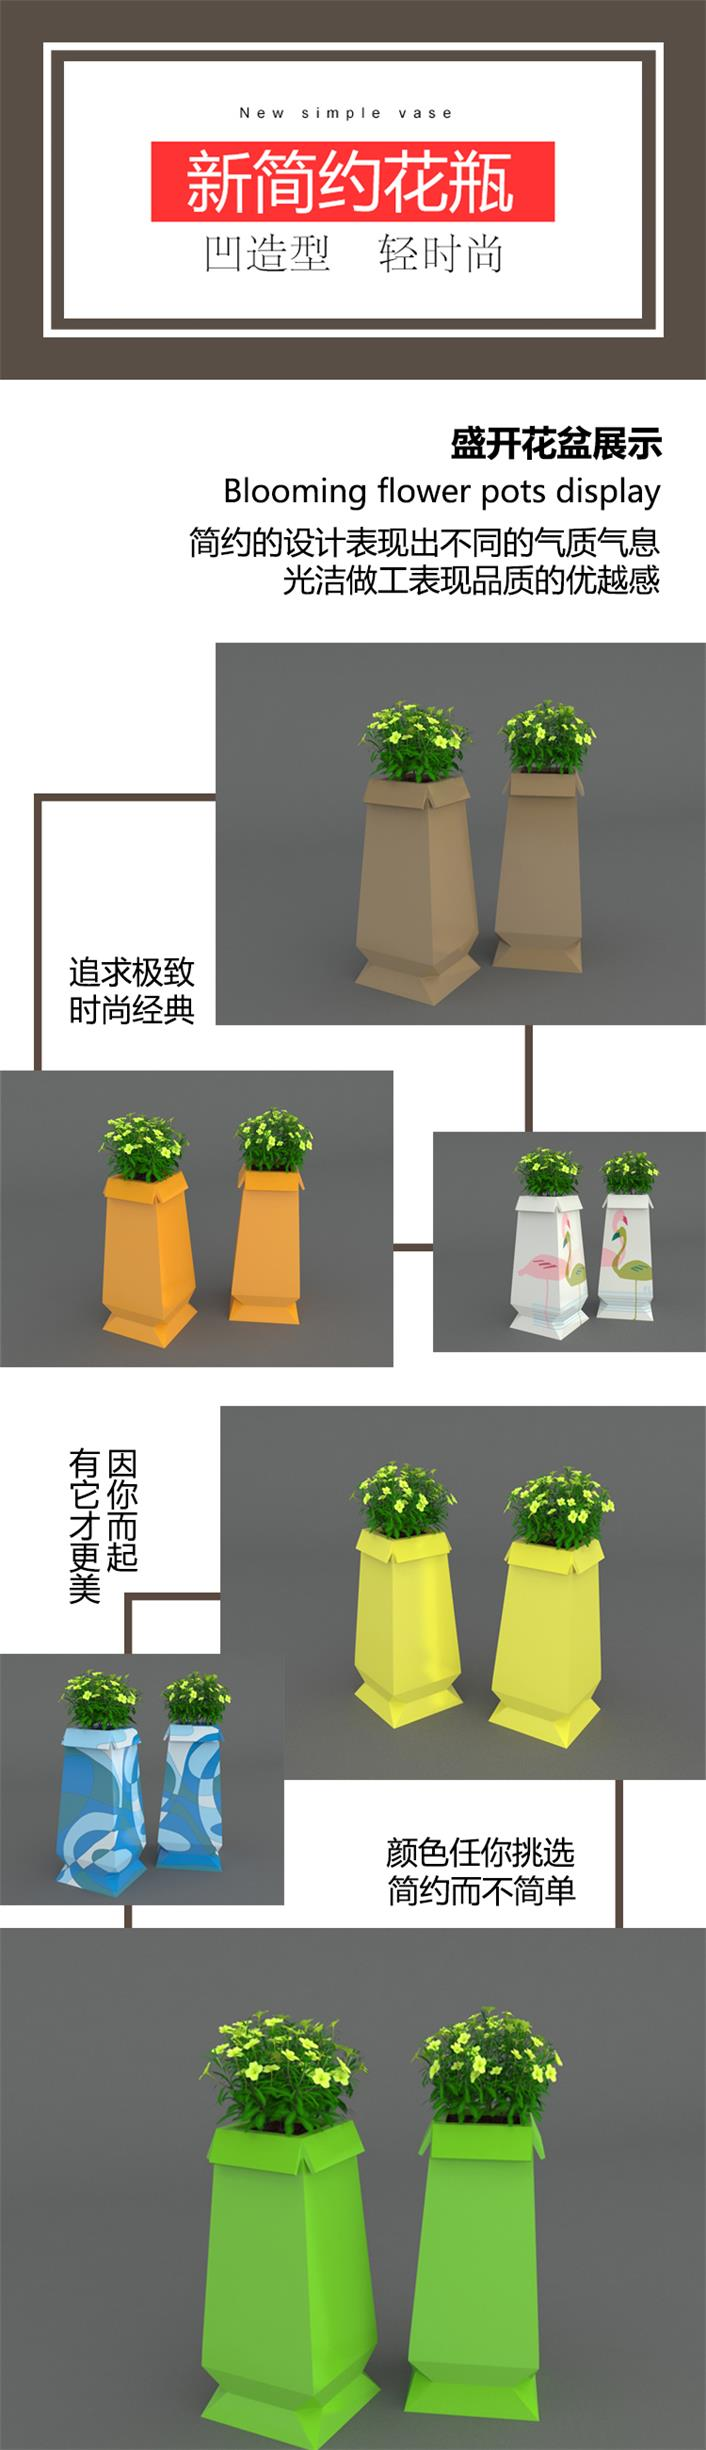 盛开花盆1.jpg